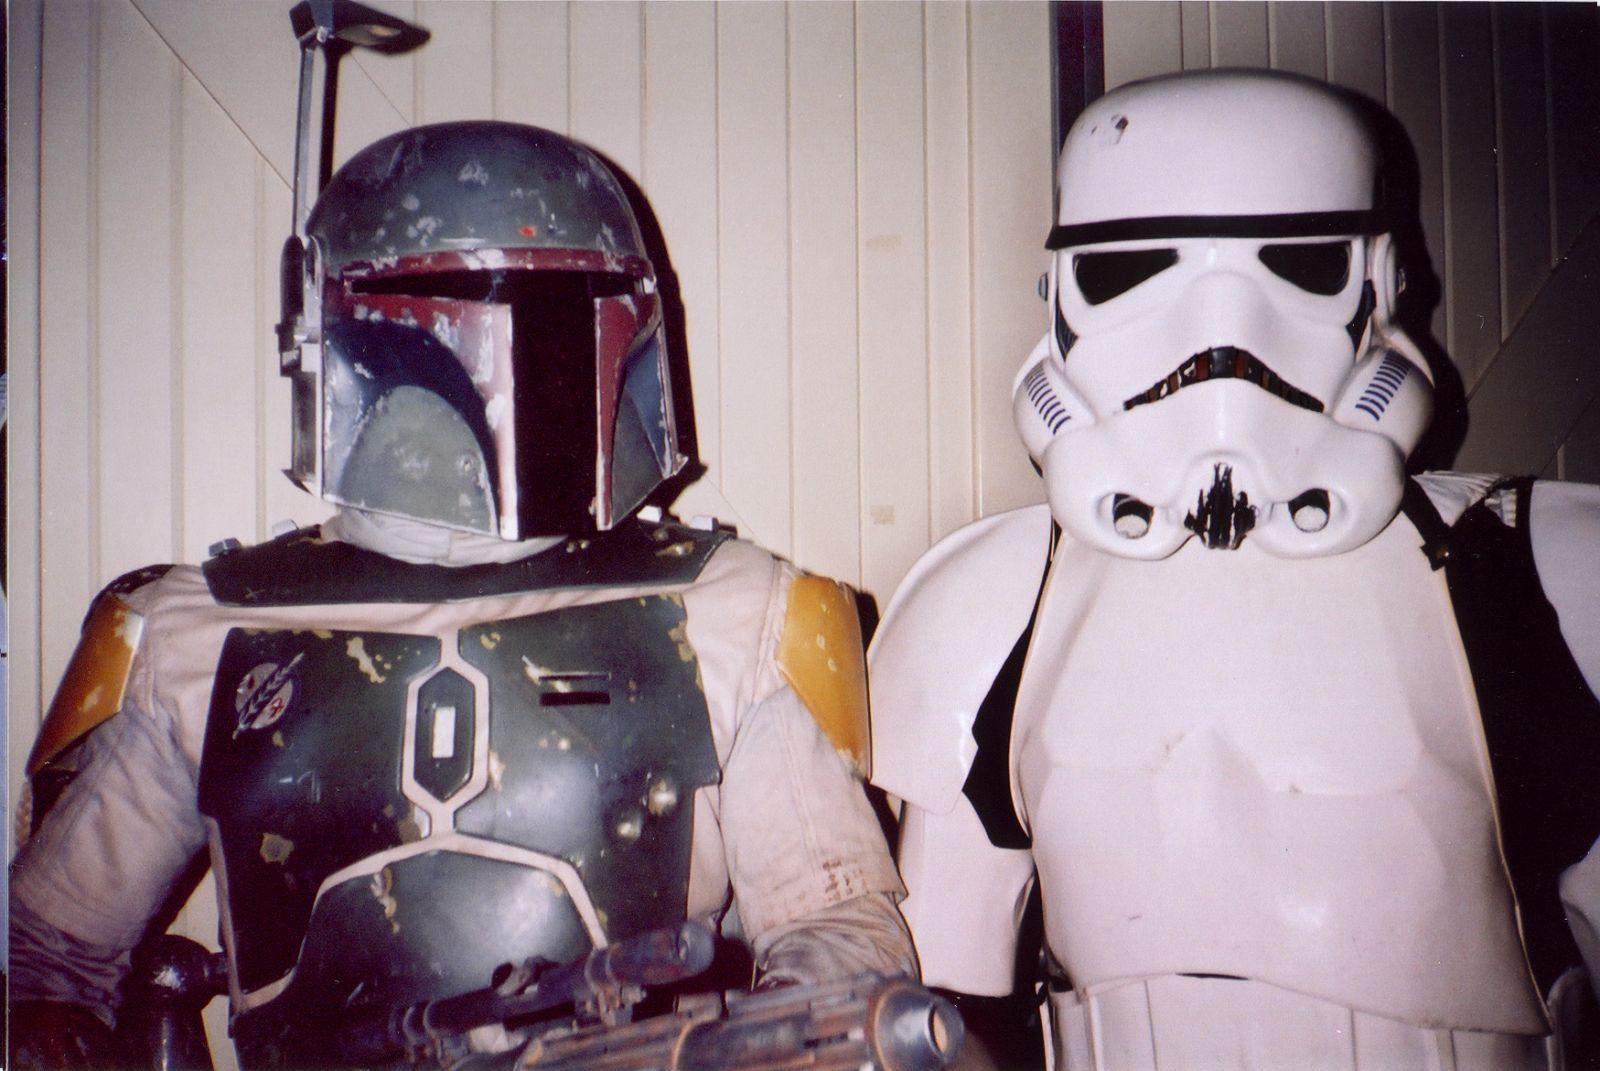 Boba-Fett-Costume-Return-of-the-Jedi-17.jpg